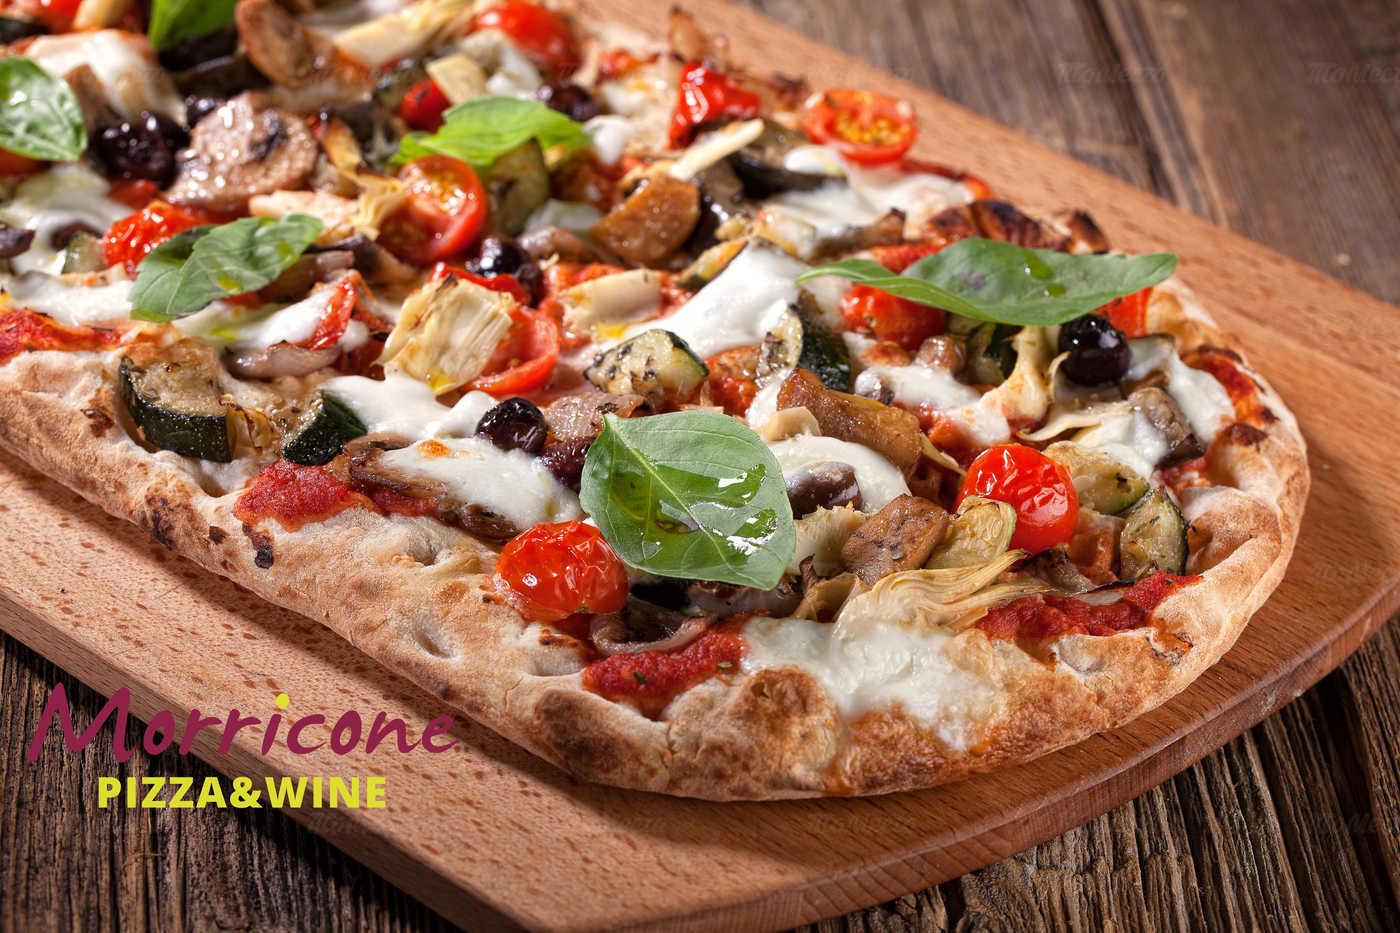 Меню ресторана Morricone pizza & wine (Морриконе пицца и вино) на улице Ленина фото 50